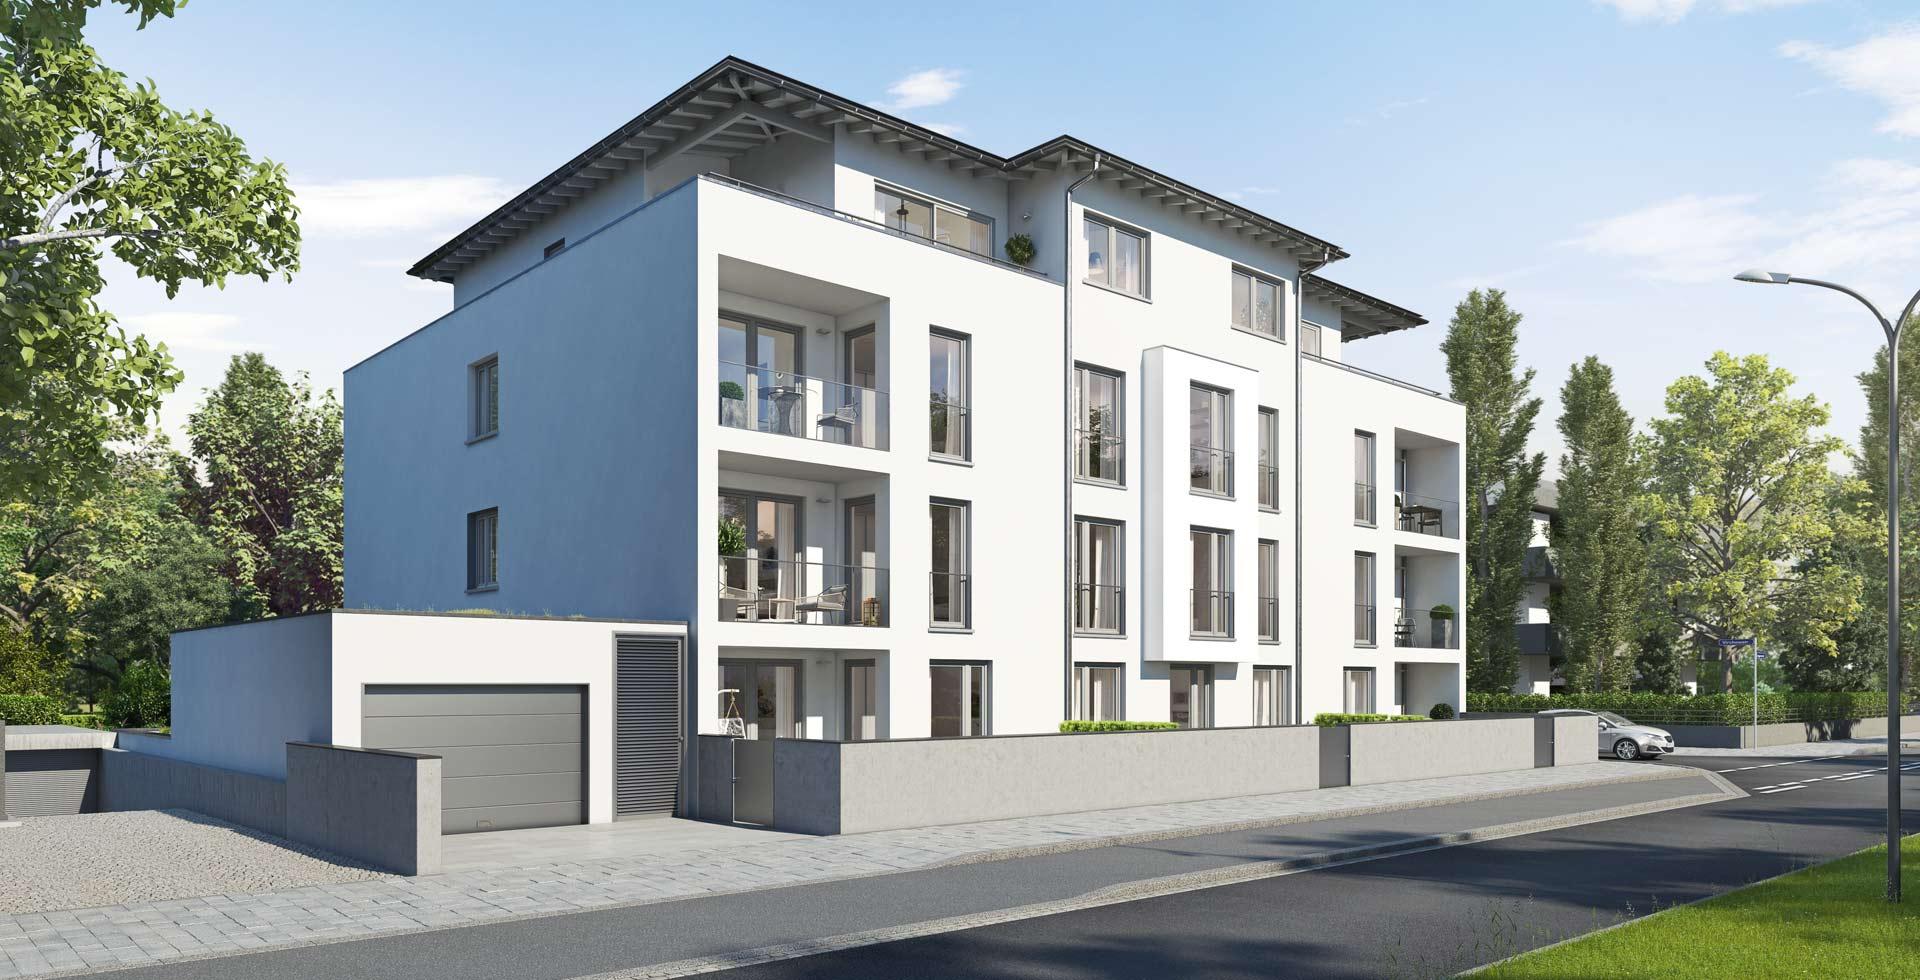 LHOMES_Neubauimmobilie_Virchowstr-München-Architektur-2-Aussen